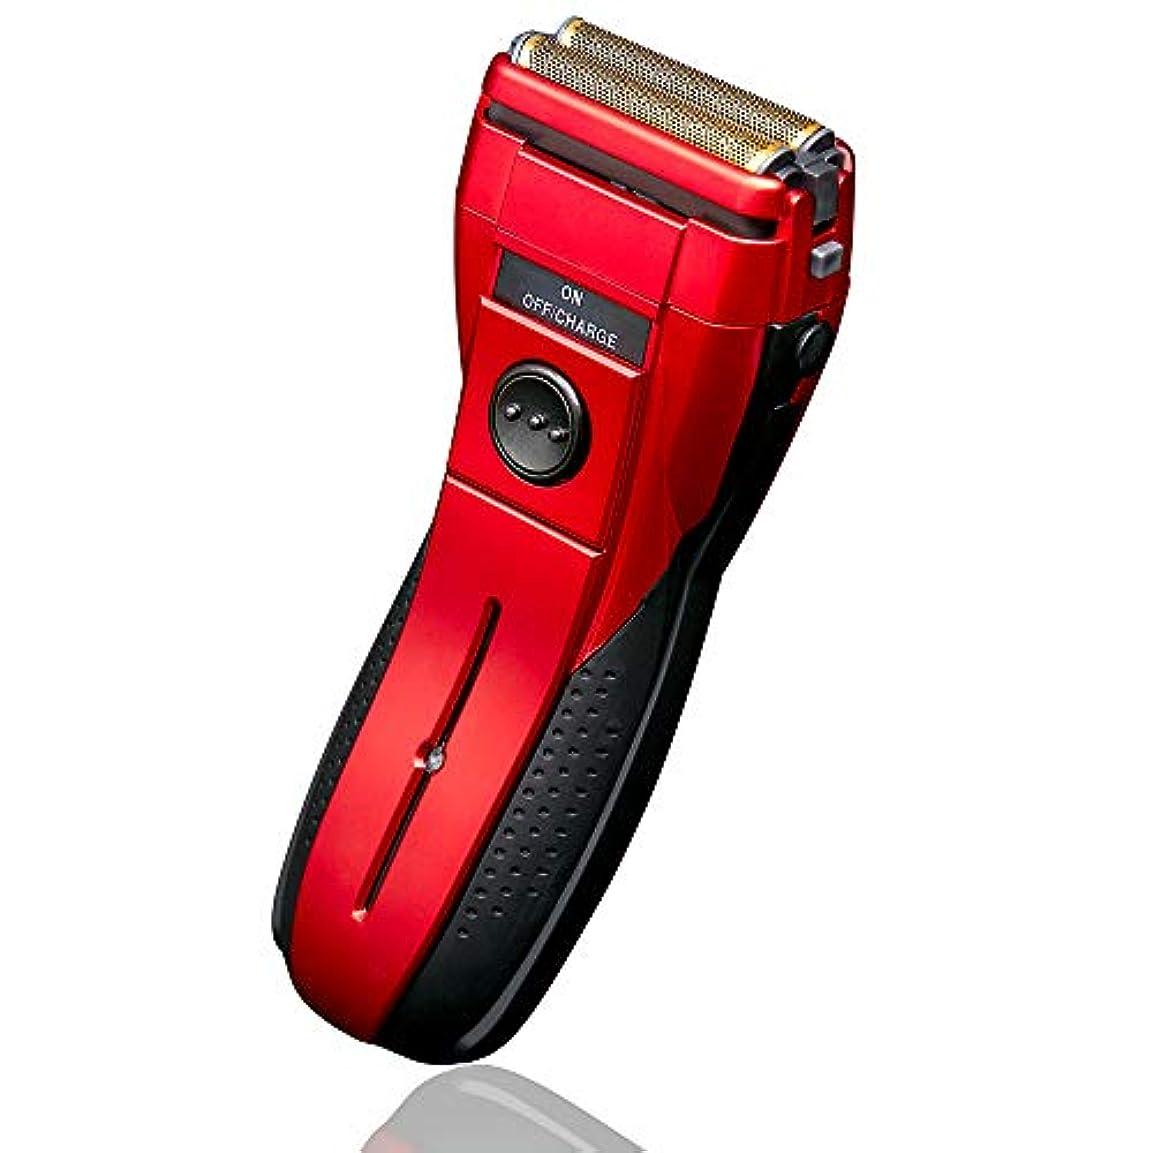 ウォーターフロント液体参加者電気シェーバー 2枚刃 髭剃り メンズシェーバー 替え刃付属付き 水洗い対応 ウォッシャブル 充電式 独立フローティング2枚刃 (Red)